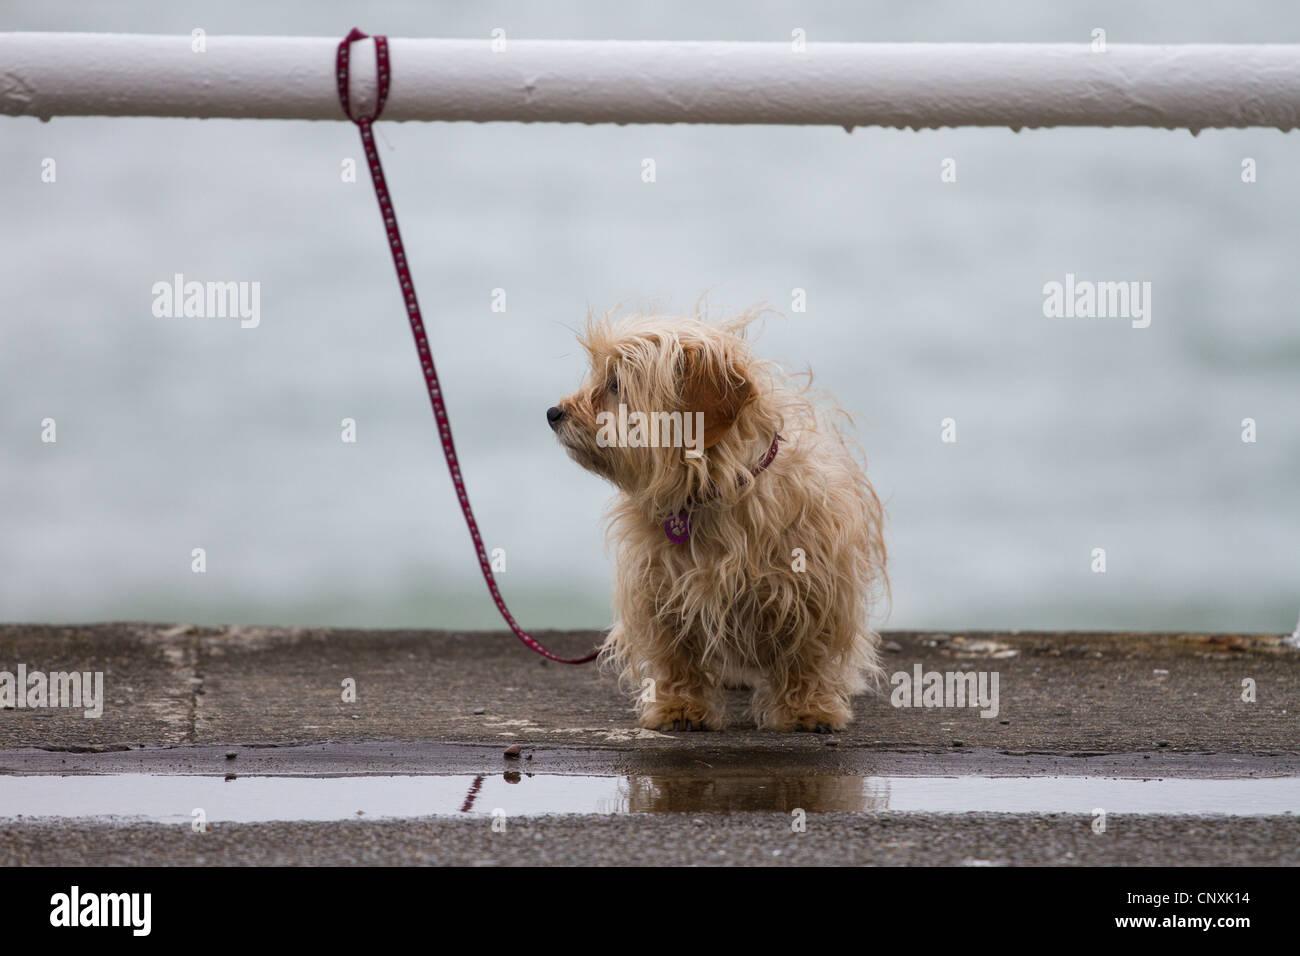 Un petit chien ou chiot attaché à un rail par la mer avec une flaque d'eau. À la recherche plutôt Photo Stock